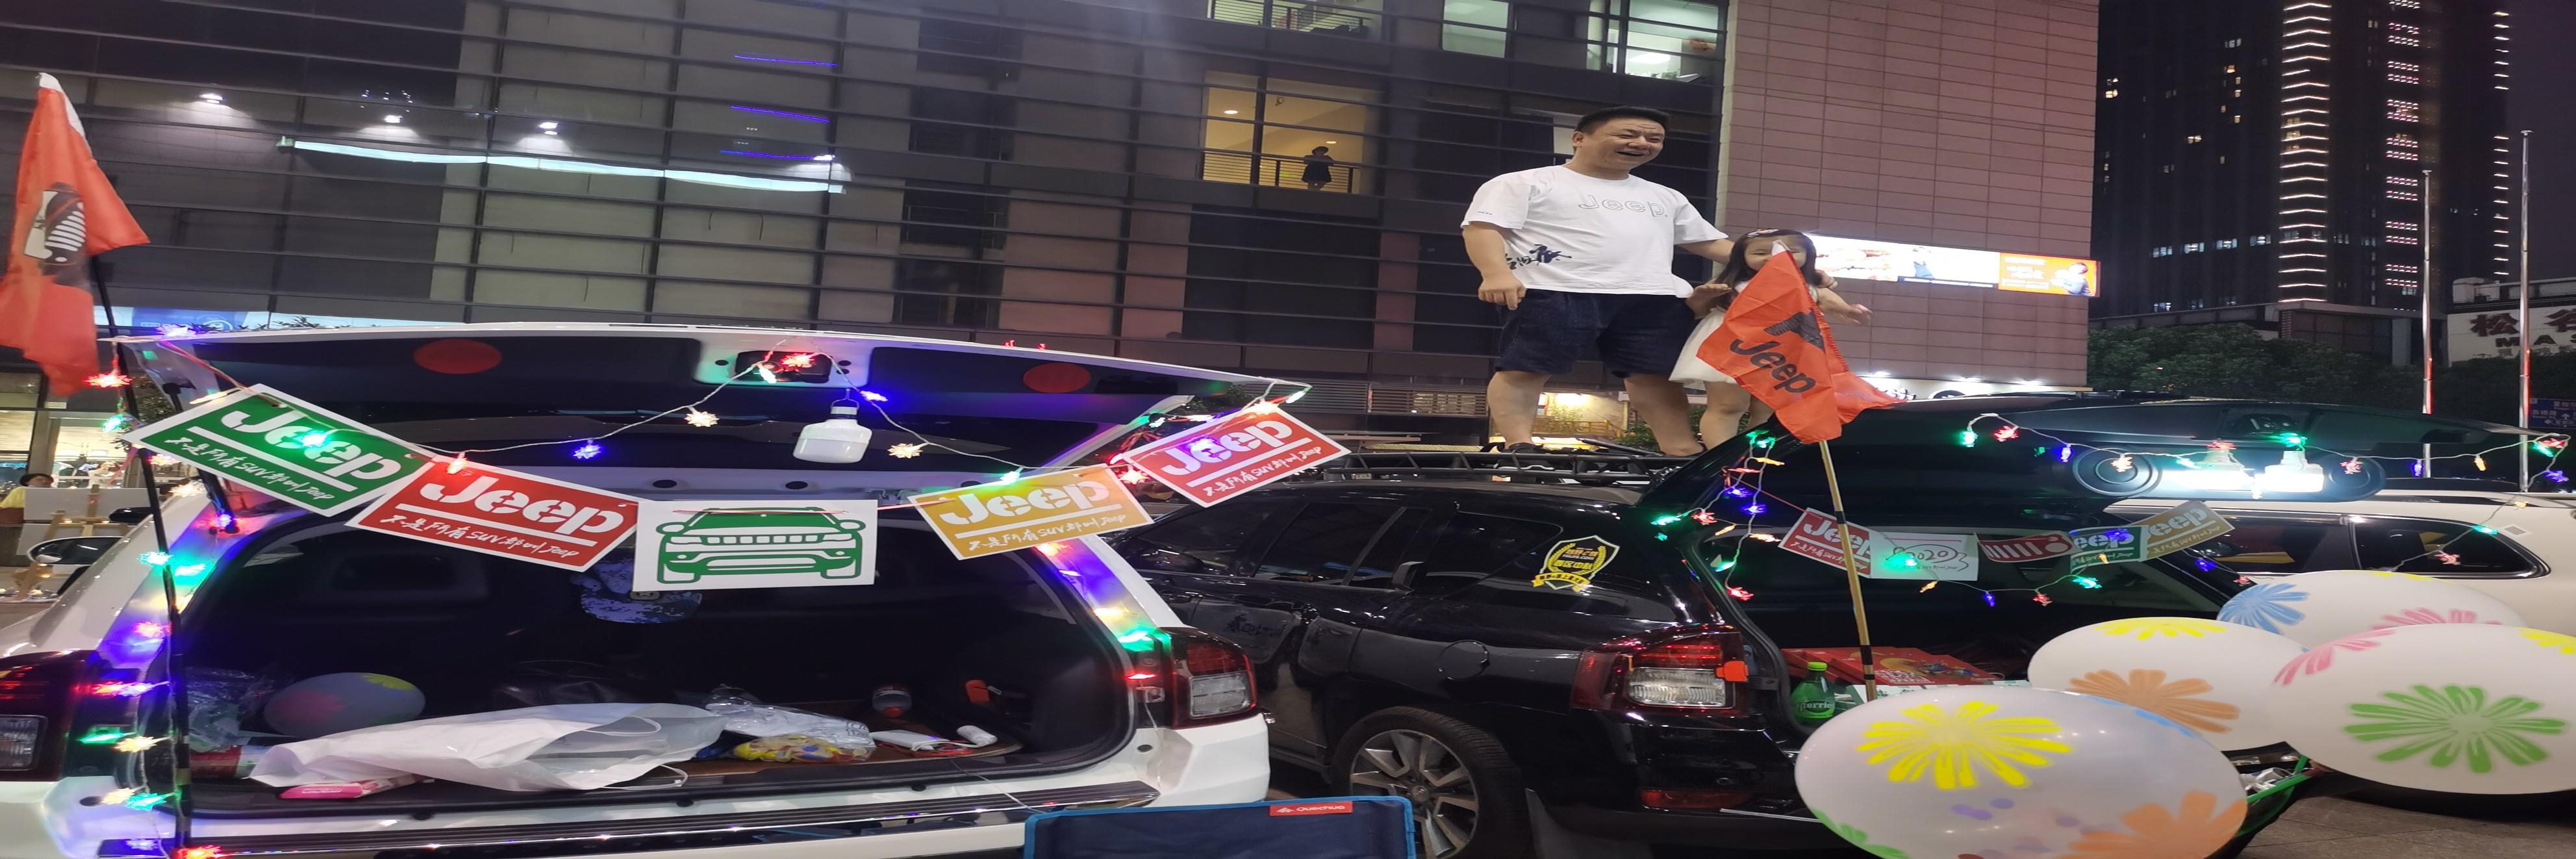 参加汽车后备箱集市之(4)摊主们真的很拼,爬上了车顶吆喝